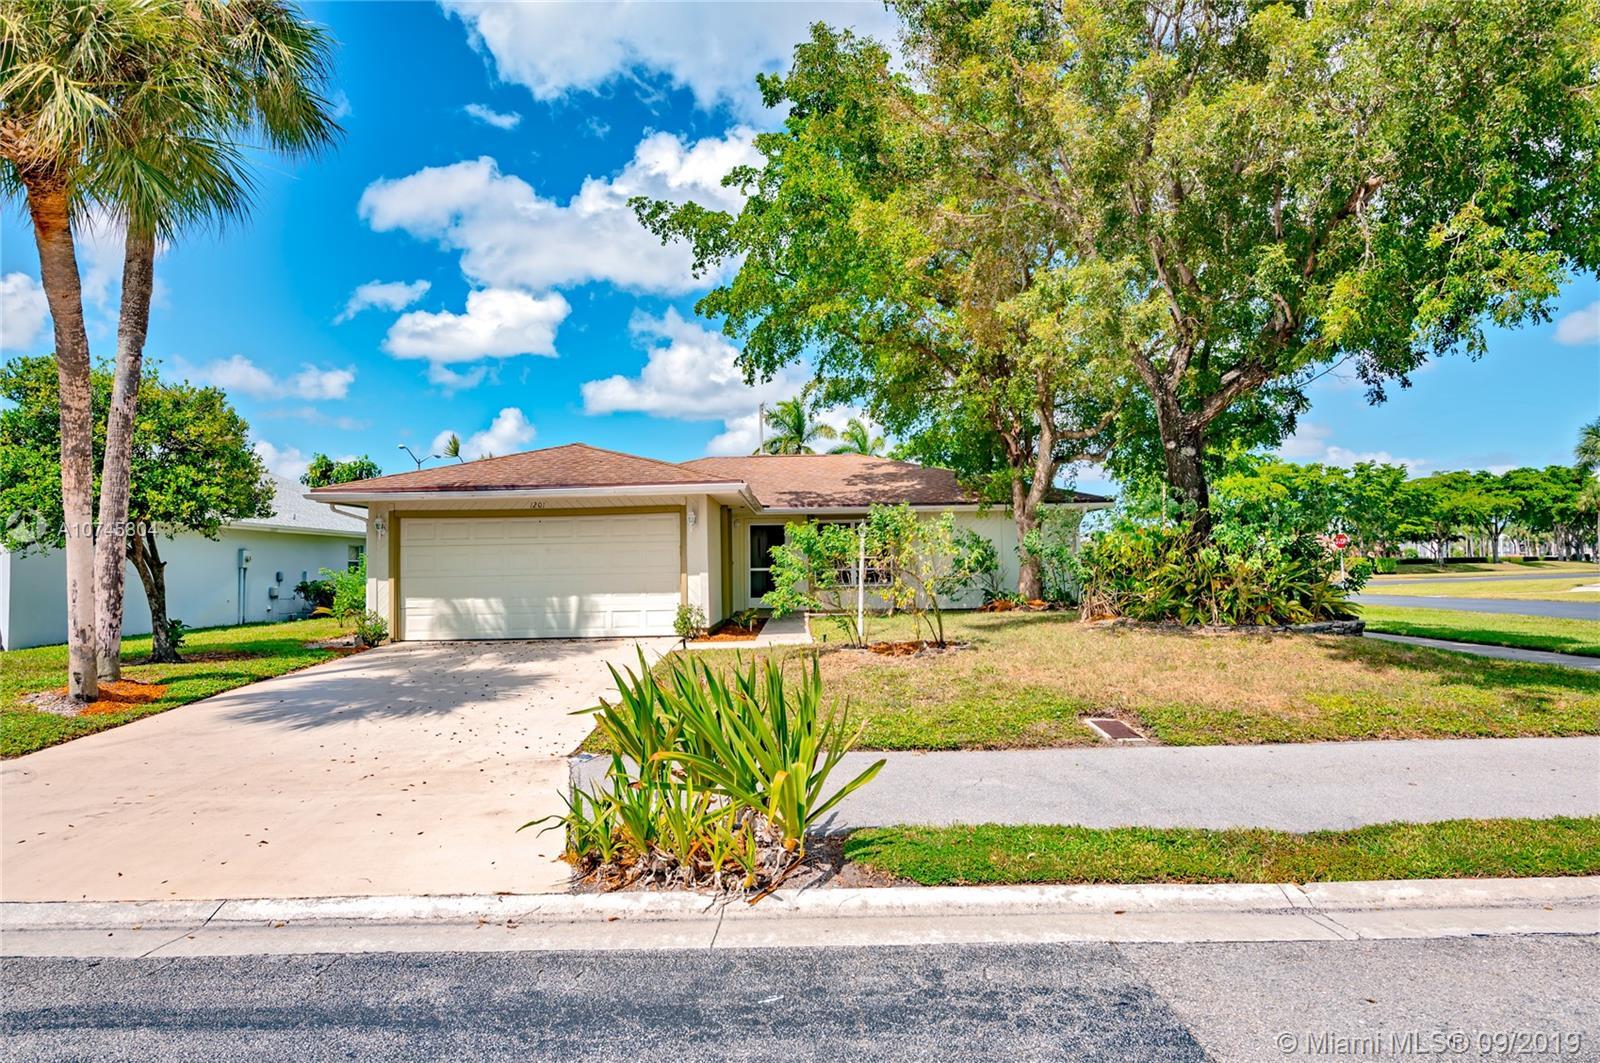 1201 Pine Sage Cir, West Palm Beach, FL 33409